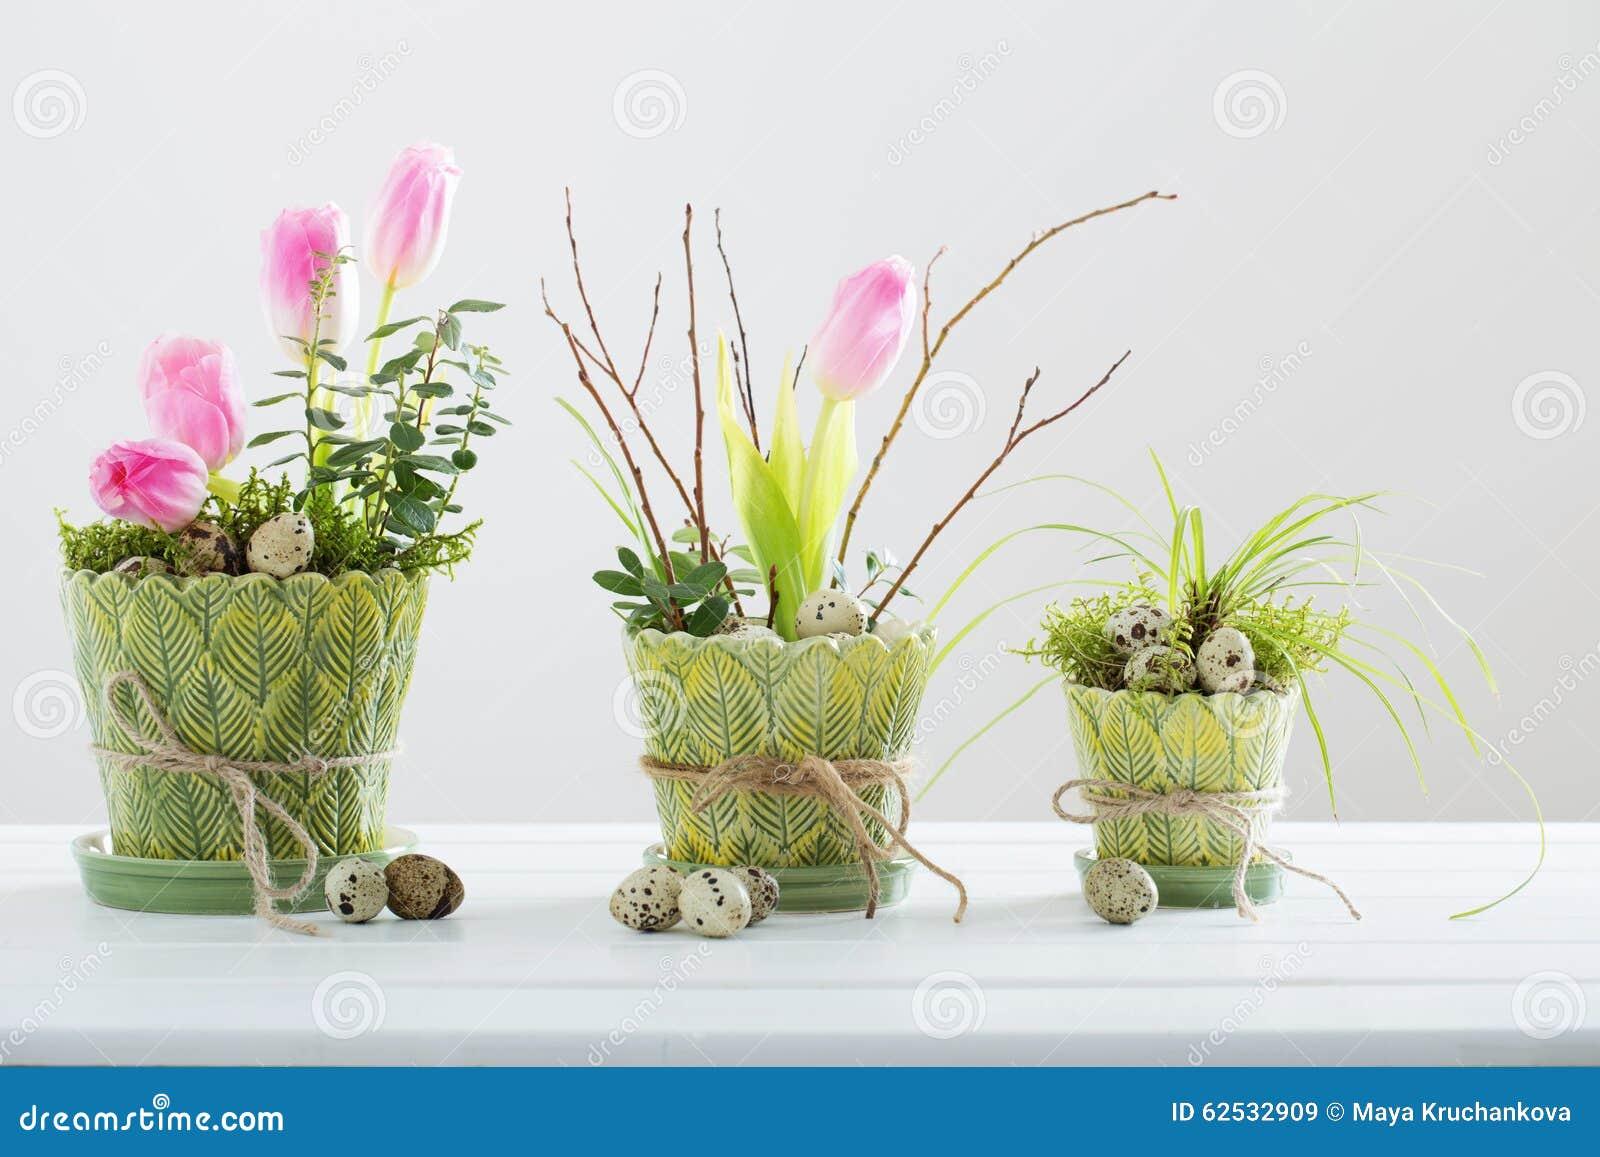 Sch ne ostern dekoration stockbild bild von frisch for Dekoration ostern